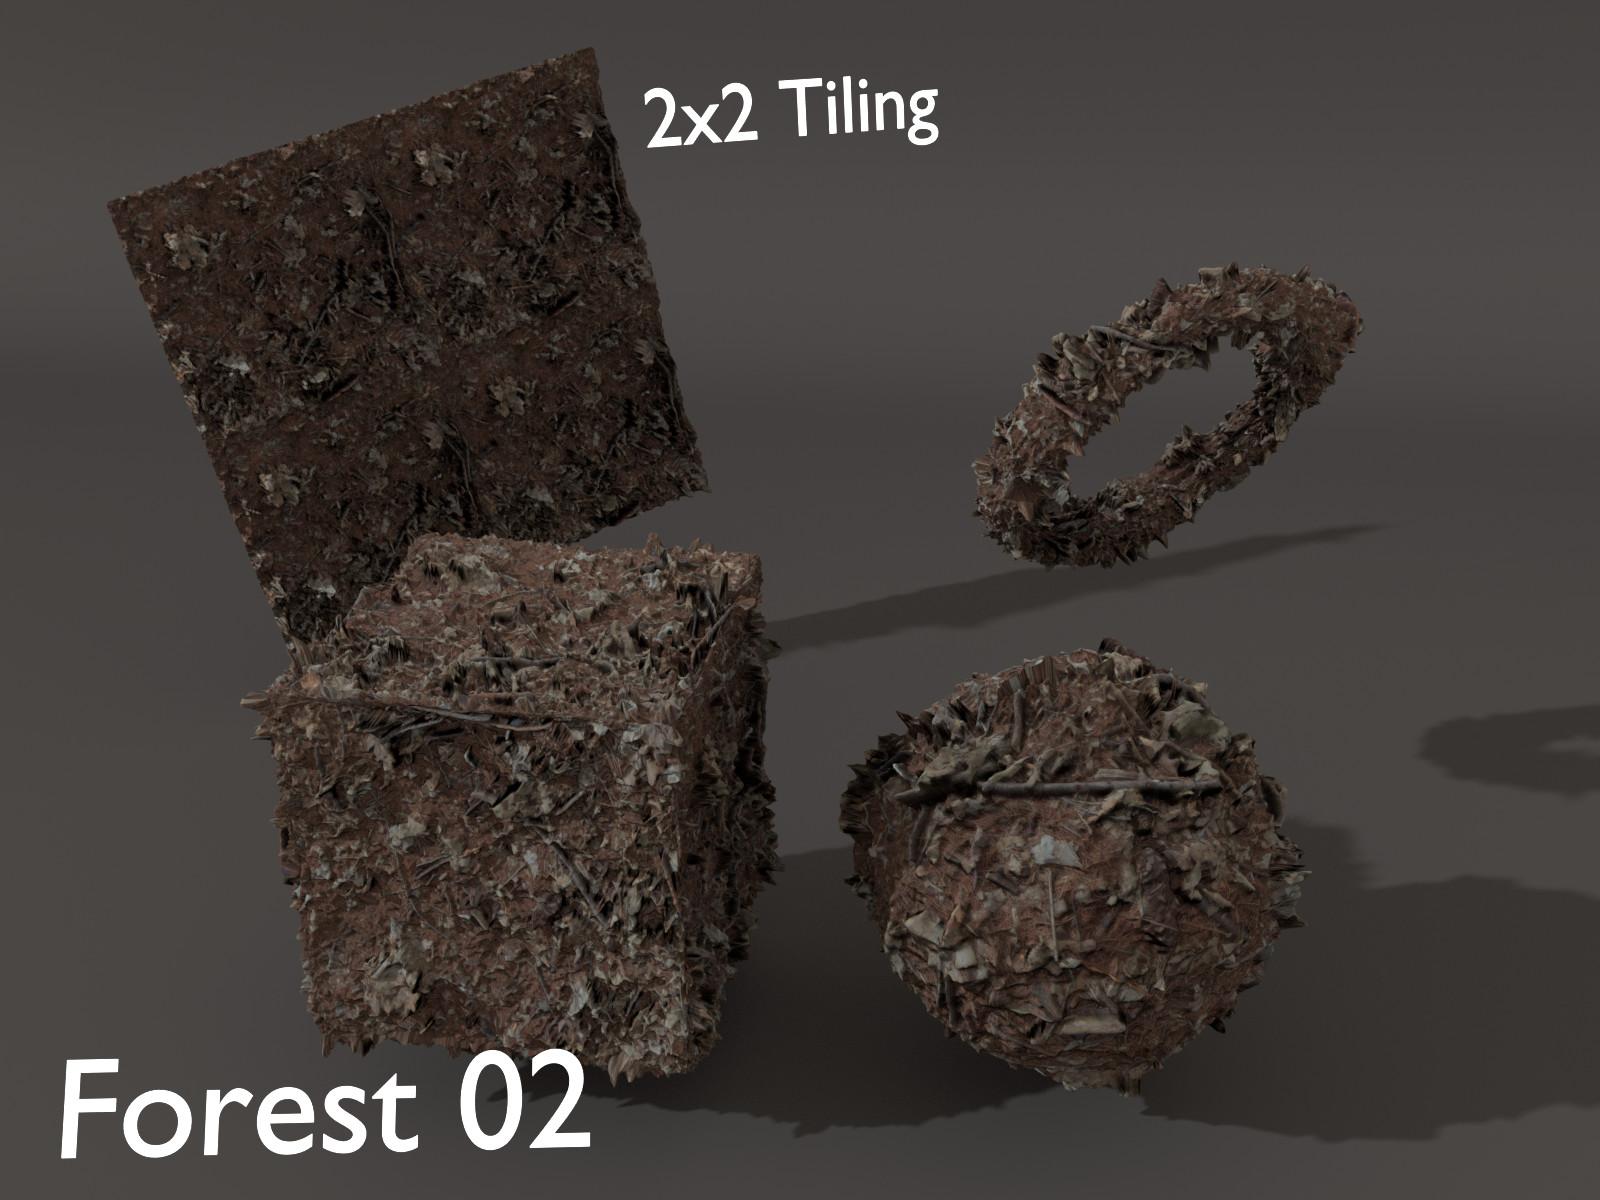 Sieben corgie forest02 p